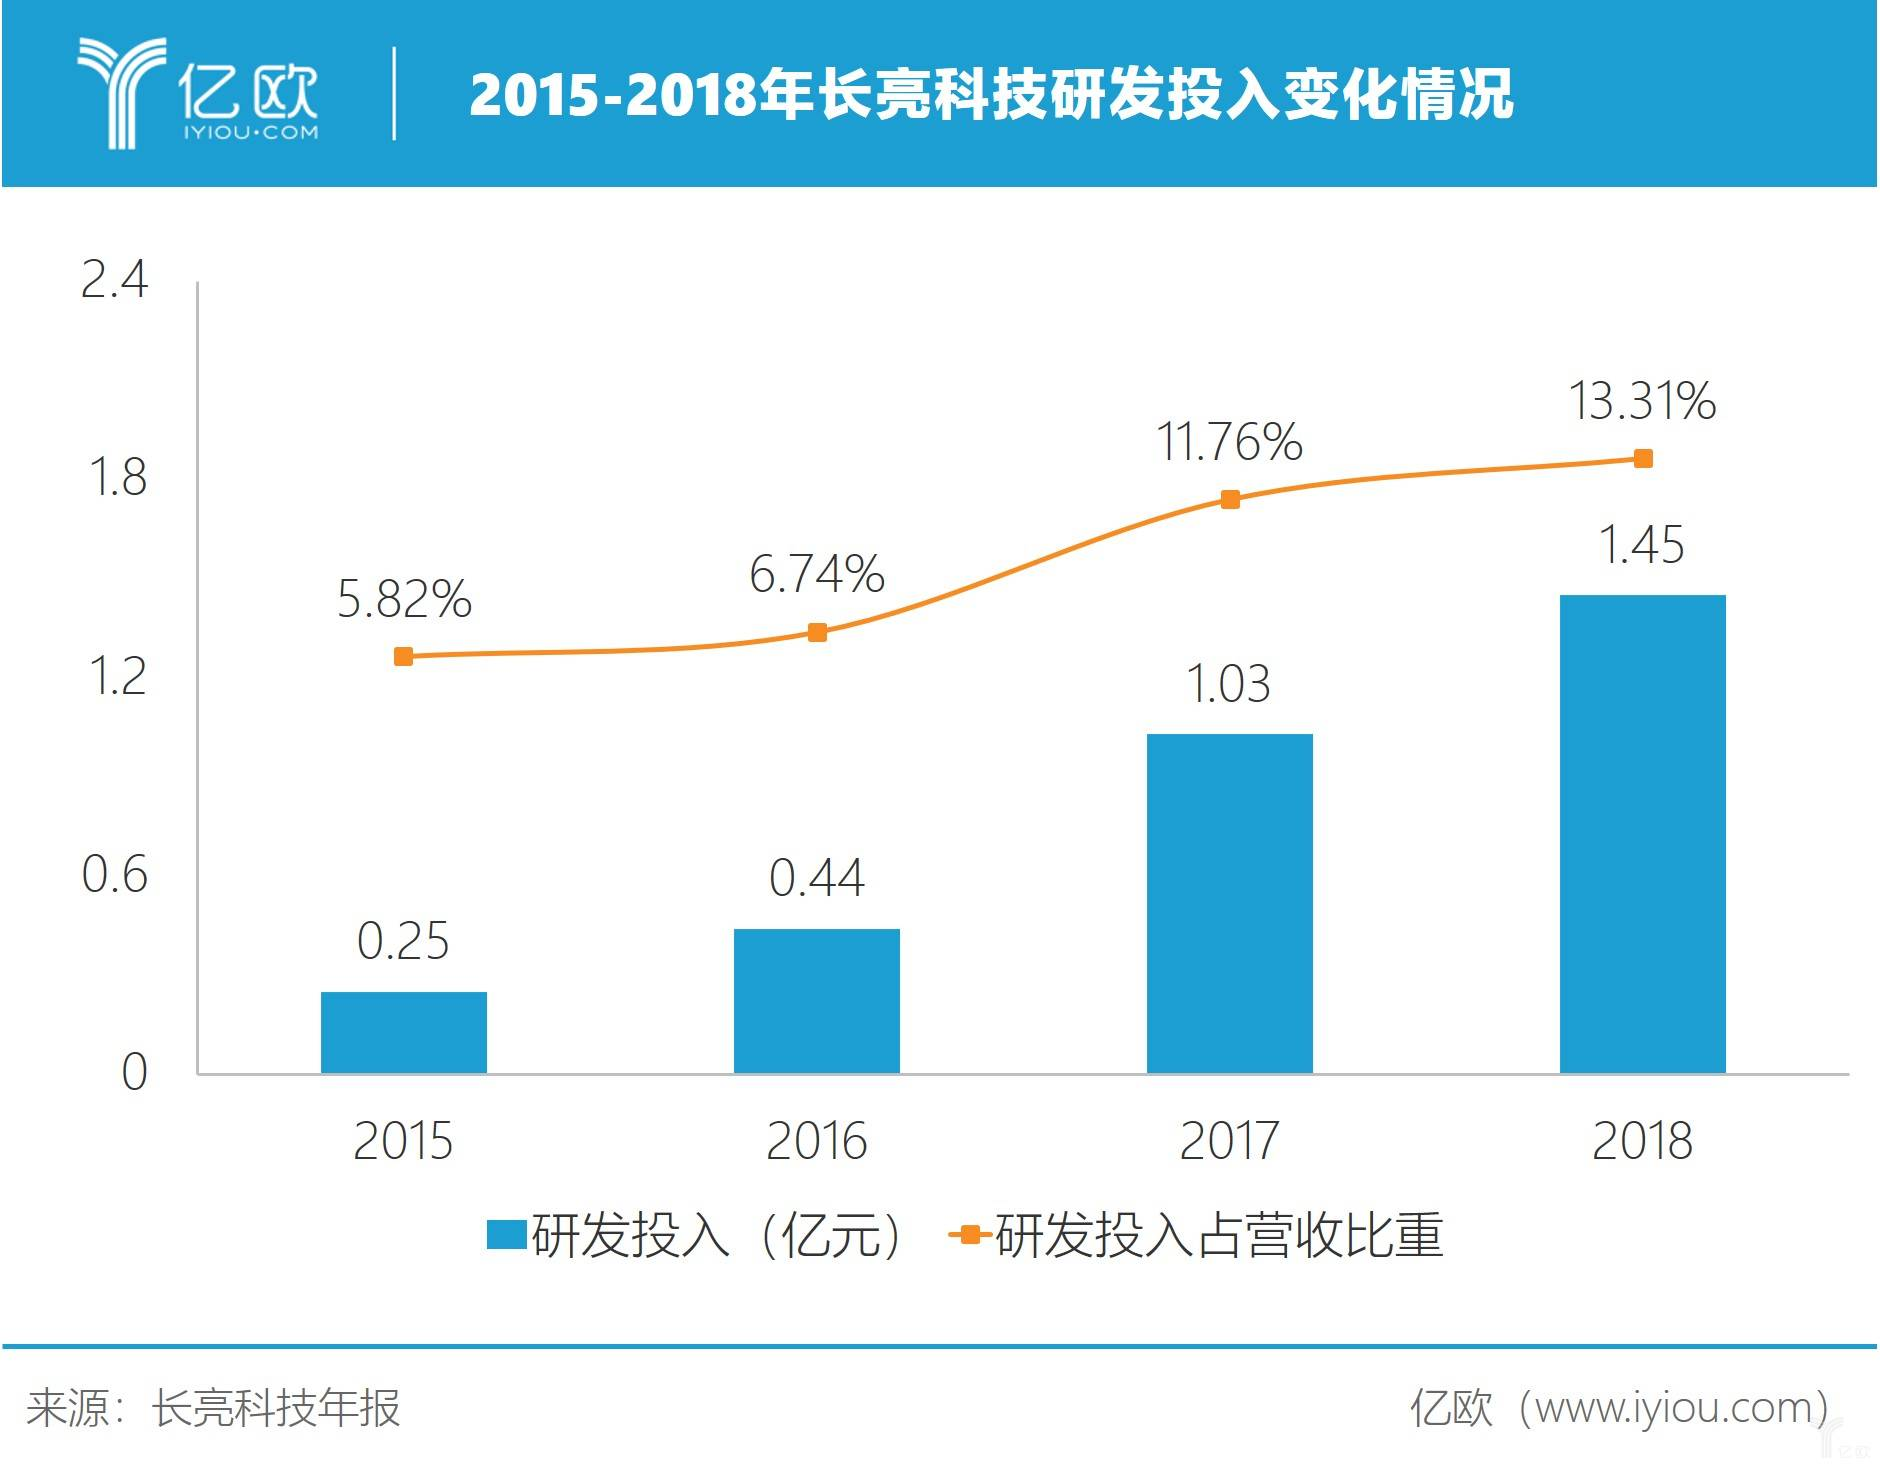 2015-2018年长亮科技研发投入转折情况